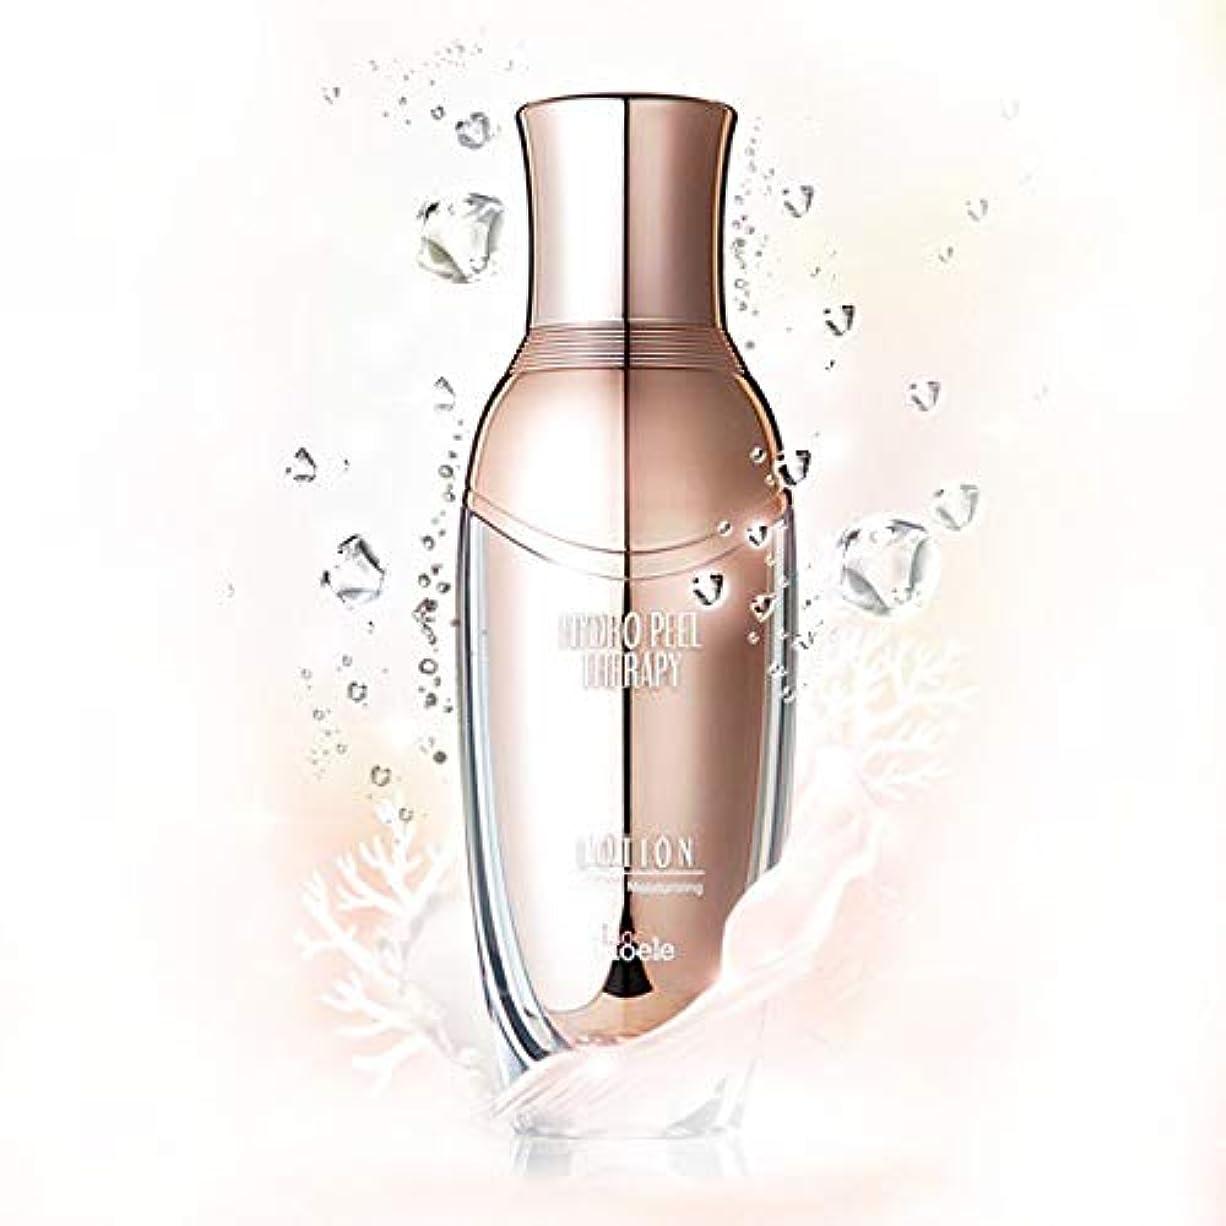 背骨役員試験Lioele (リオエリ) ハイドロ ピール テラピー ローション / 海洋深層水の豊富なミネラルでさっぱり溶け込むローション / Hydro Peel Therapy Lotion (120ml) [並行輸入品]